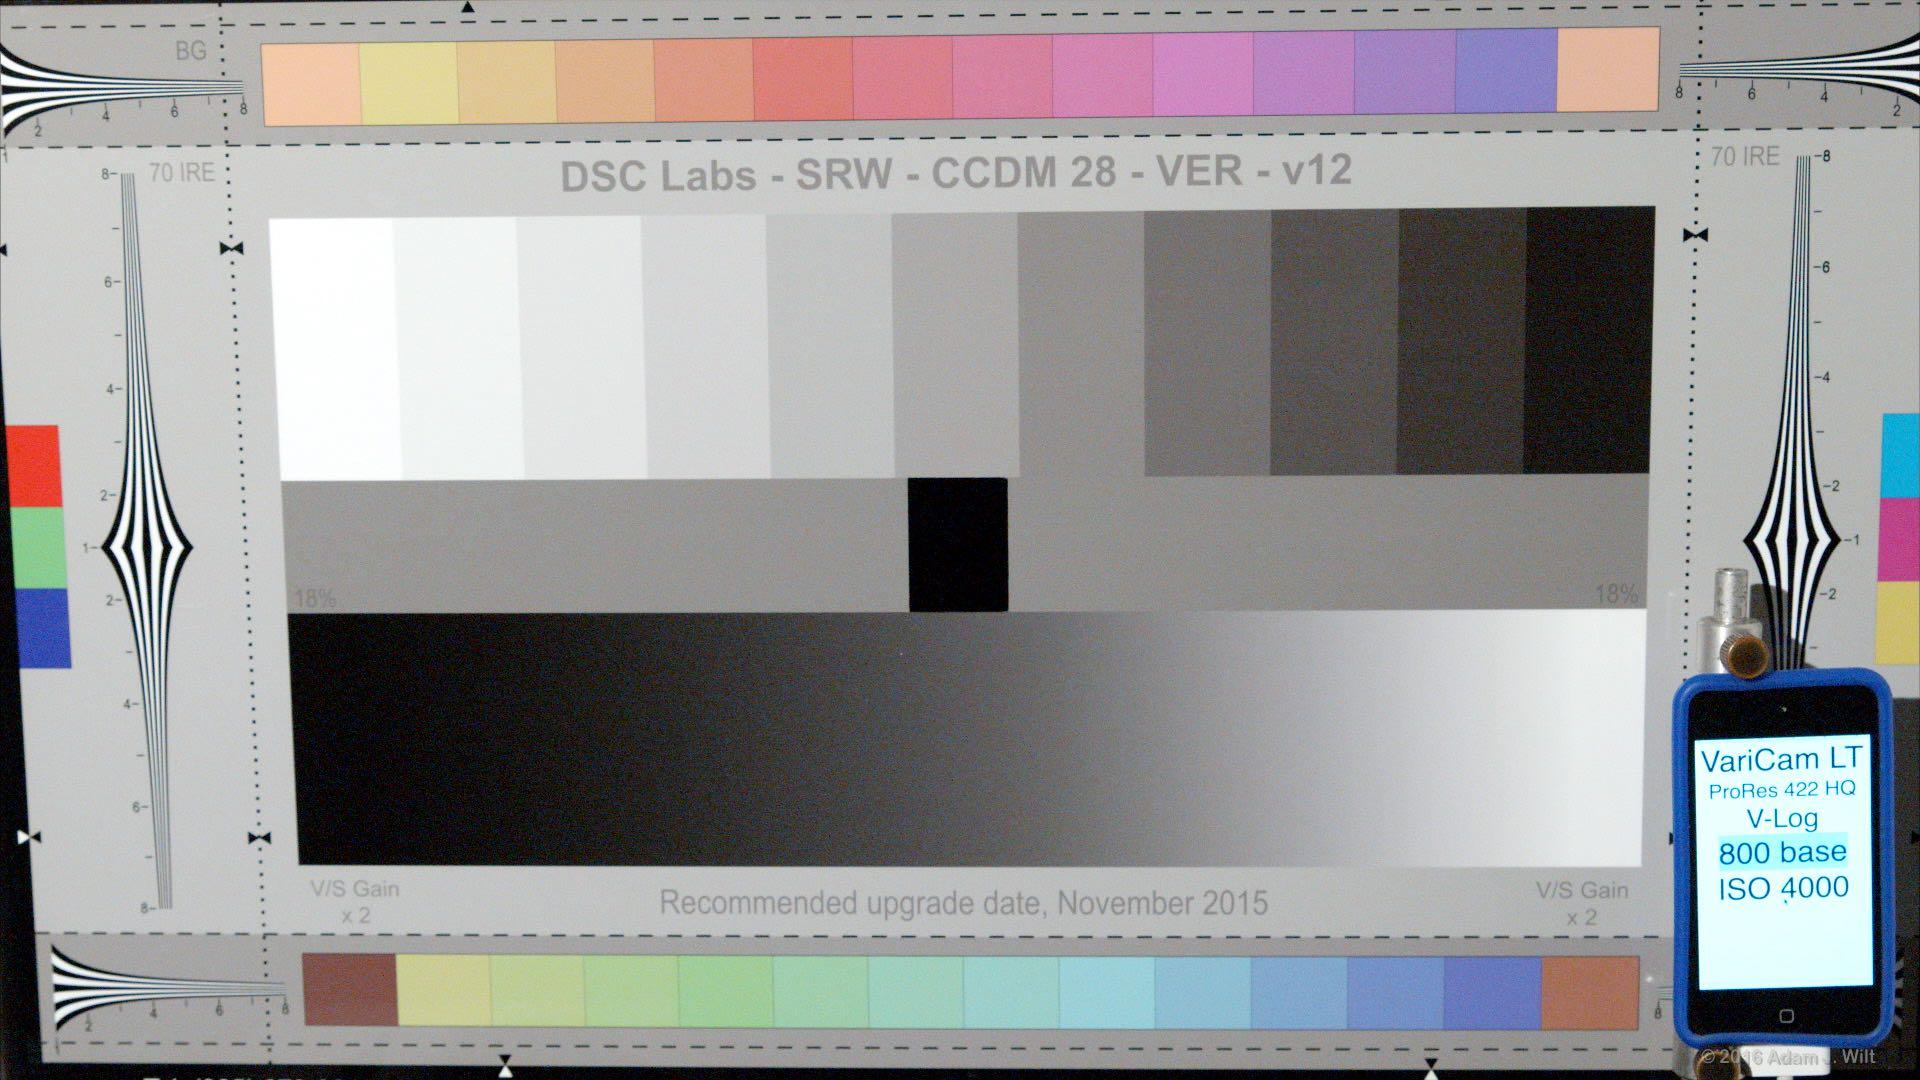 ISO 4000, base ISO 800